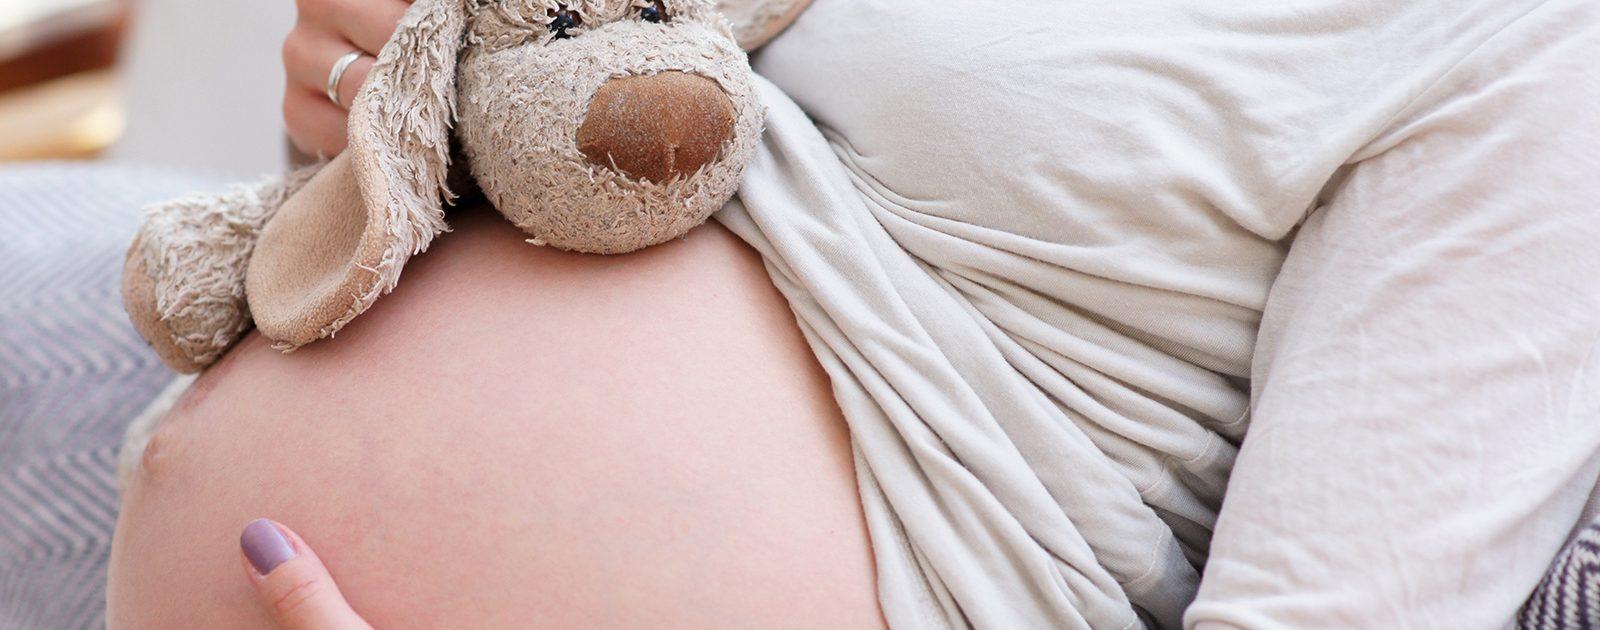 Hochschwangere Frau im 3. Trimester: Bauch in der Spätschwangerschaft